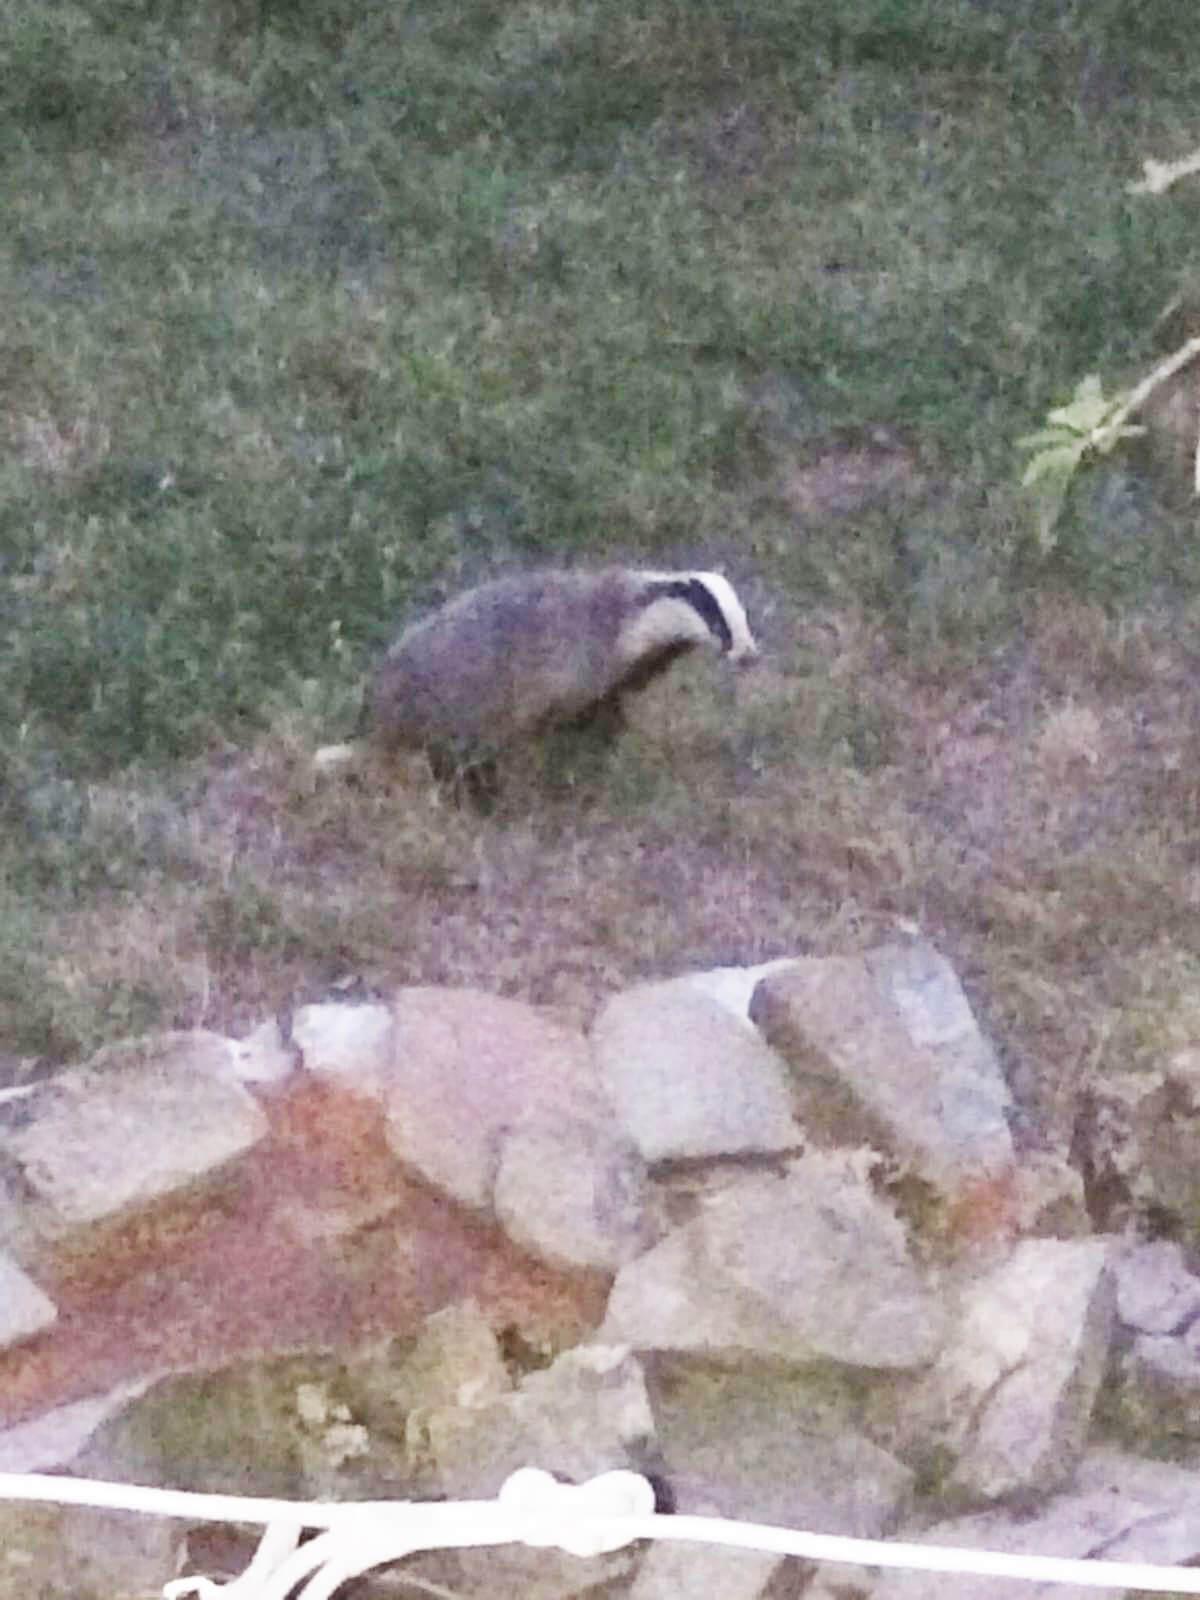 Il visitatore quotidiano, un tasso in giardino.